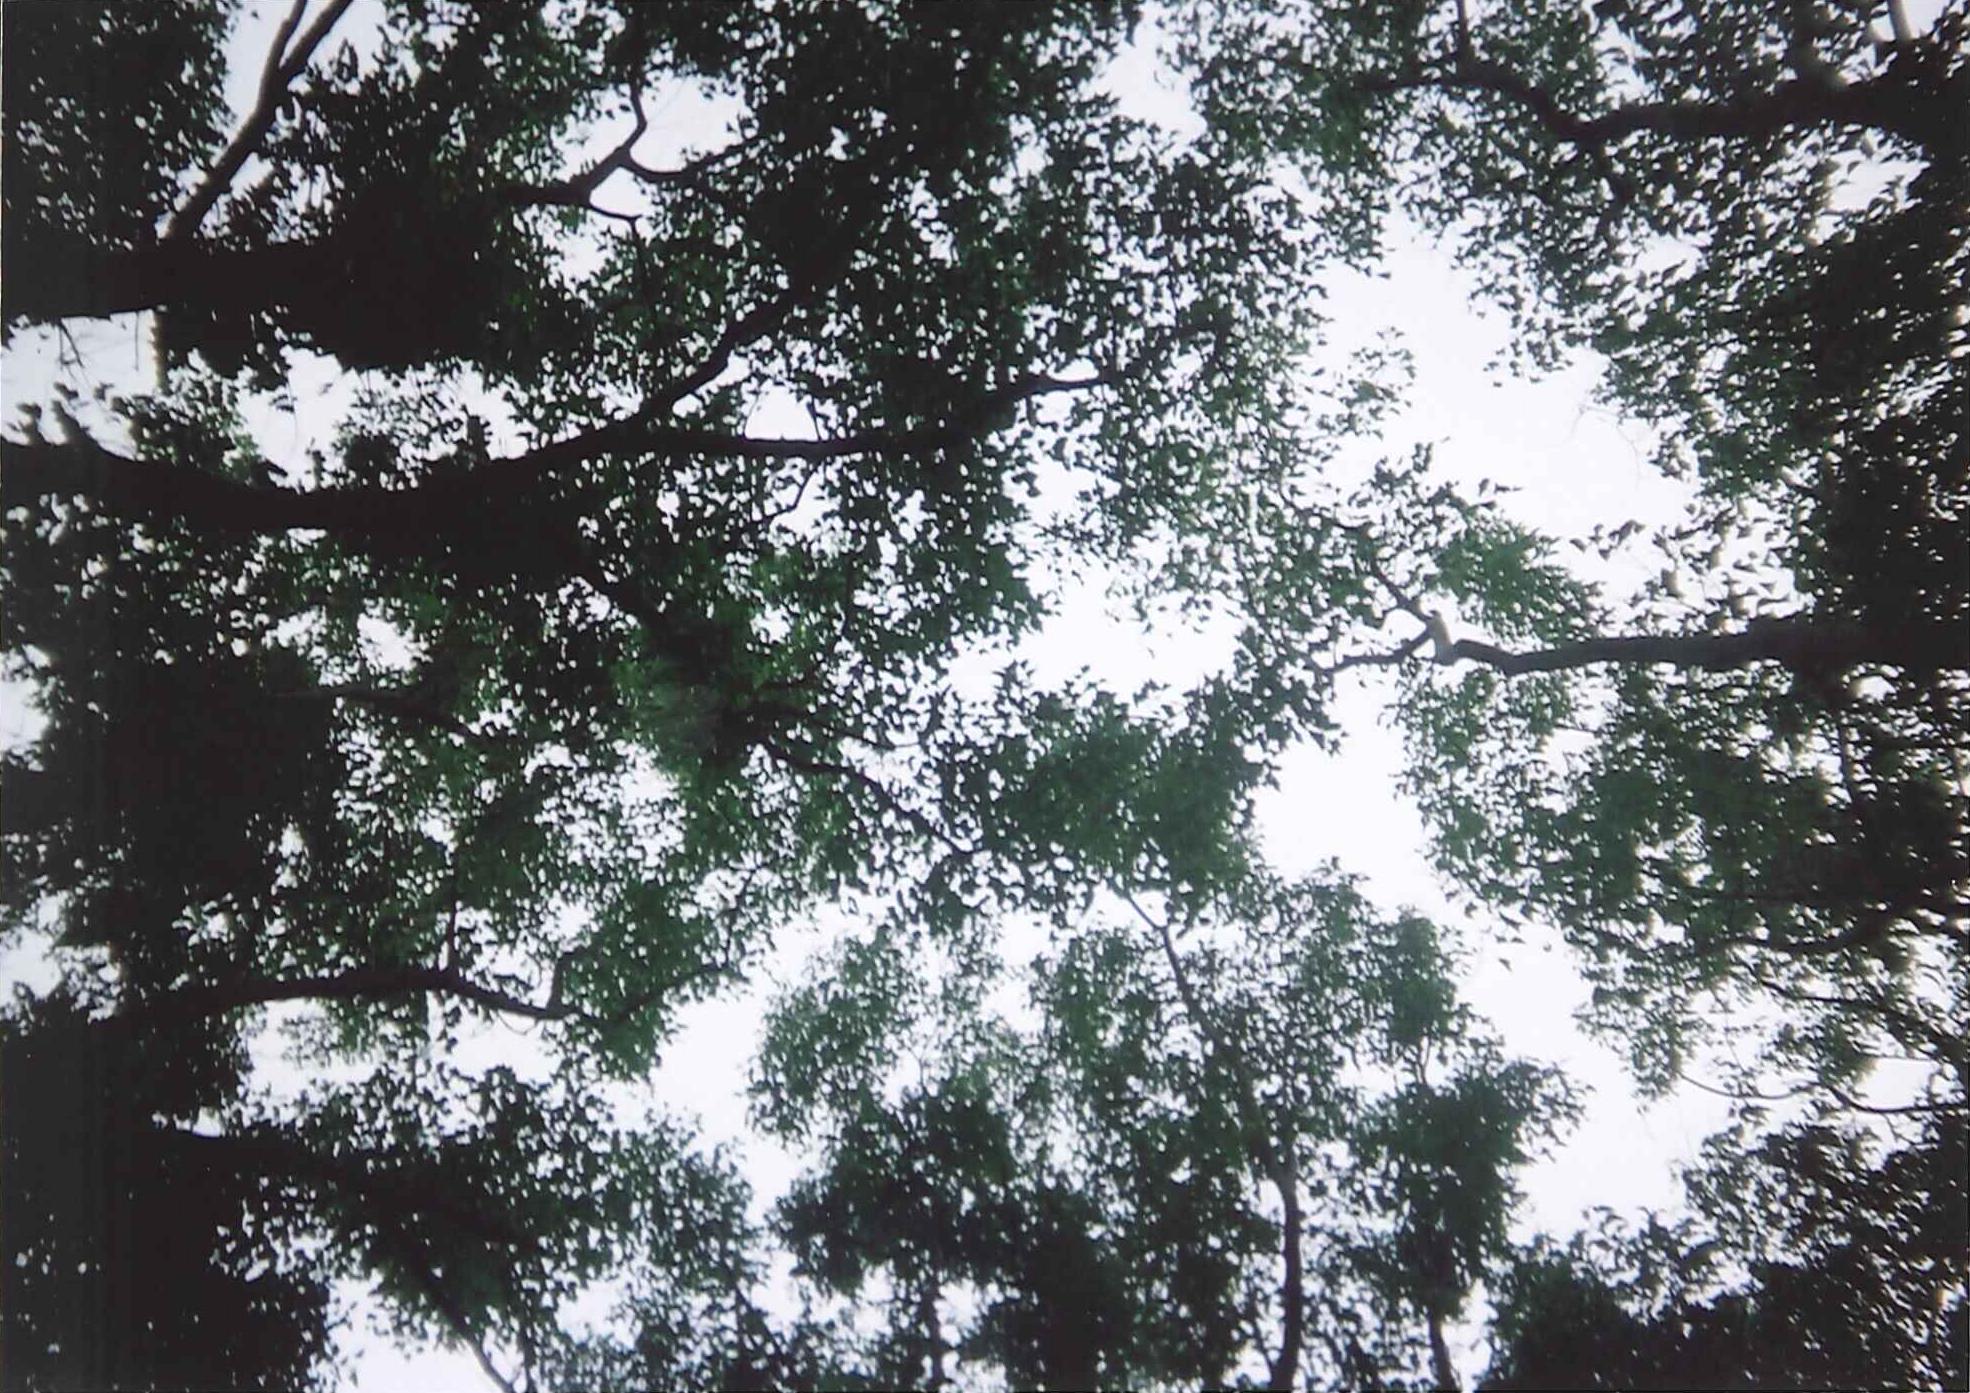 中学生夏休み写真コンクール 自然・風景部門 [皆さんの投票をお待ちしています!]_d0116009_312866.jpg